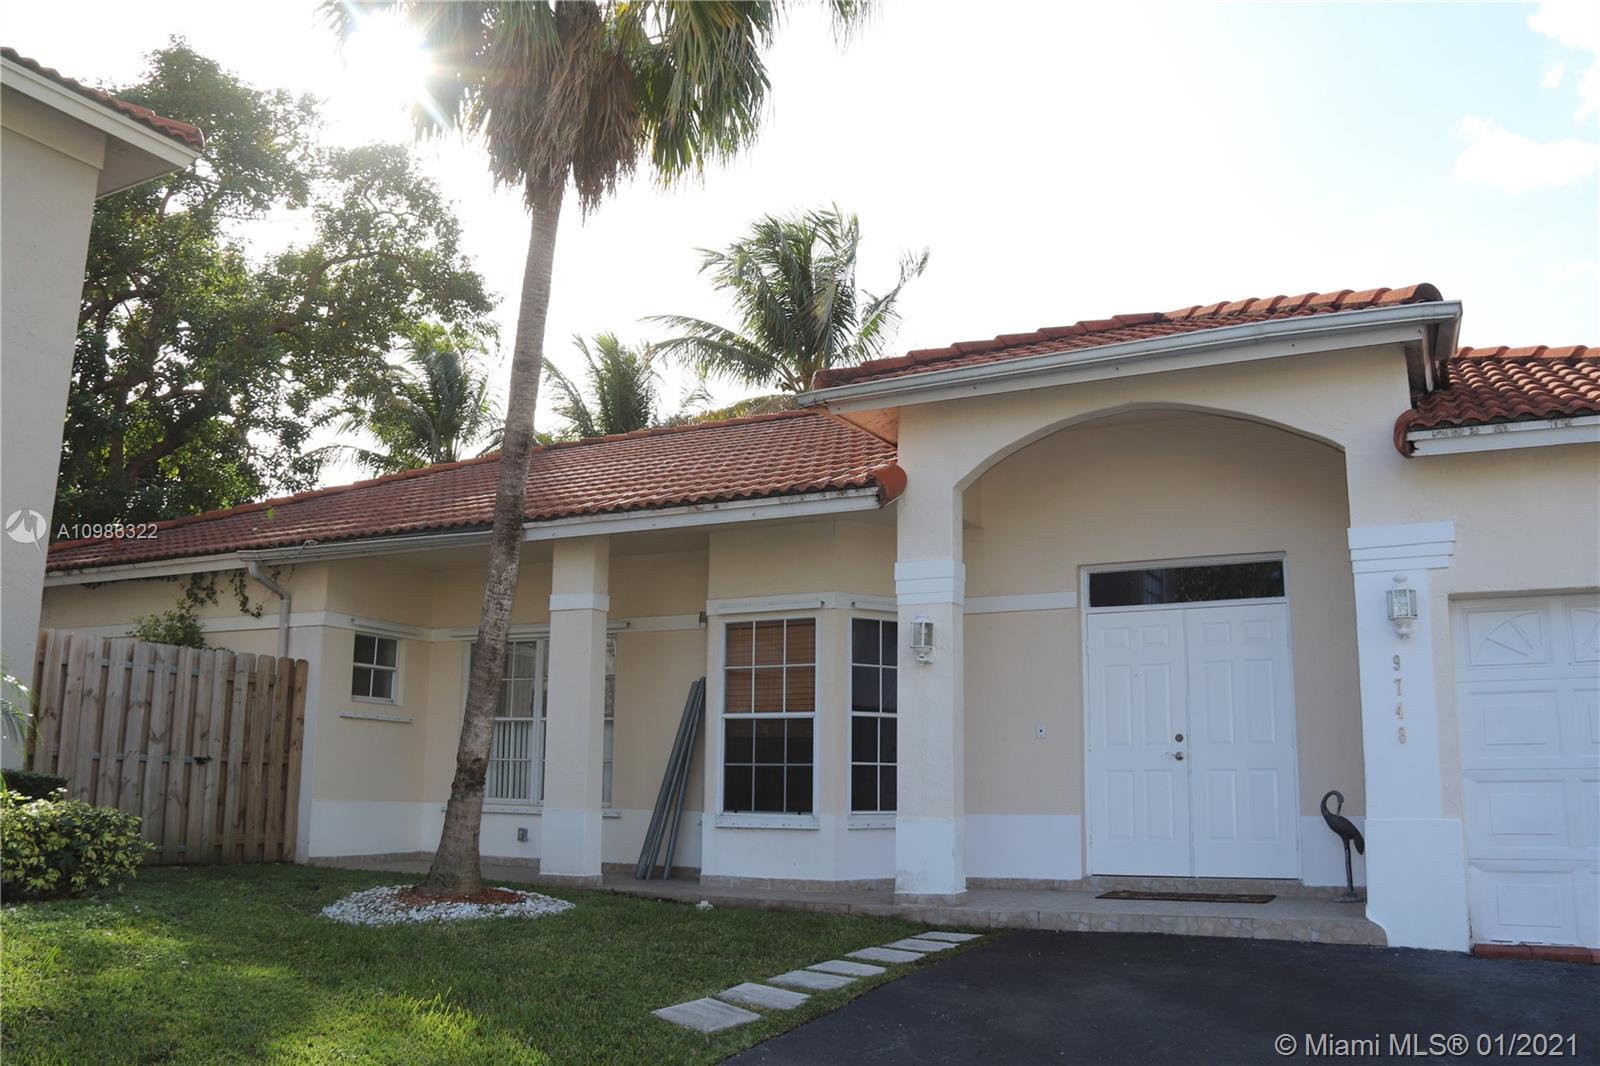 Doral Park - 9748 NW 57th Ter, Doral, FL 33178